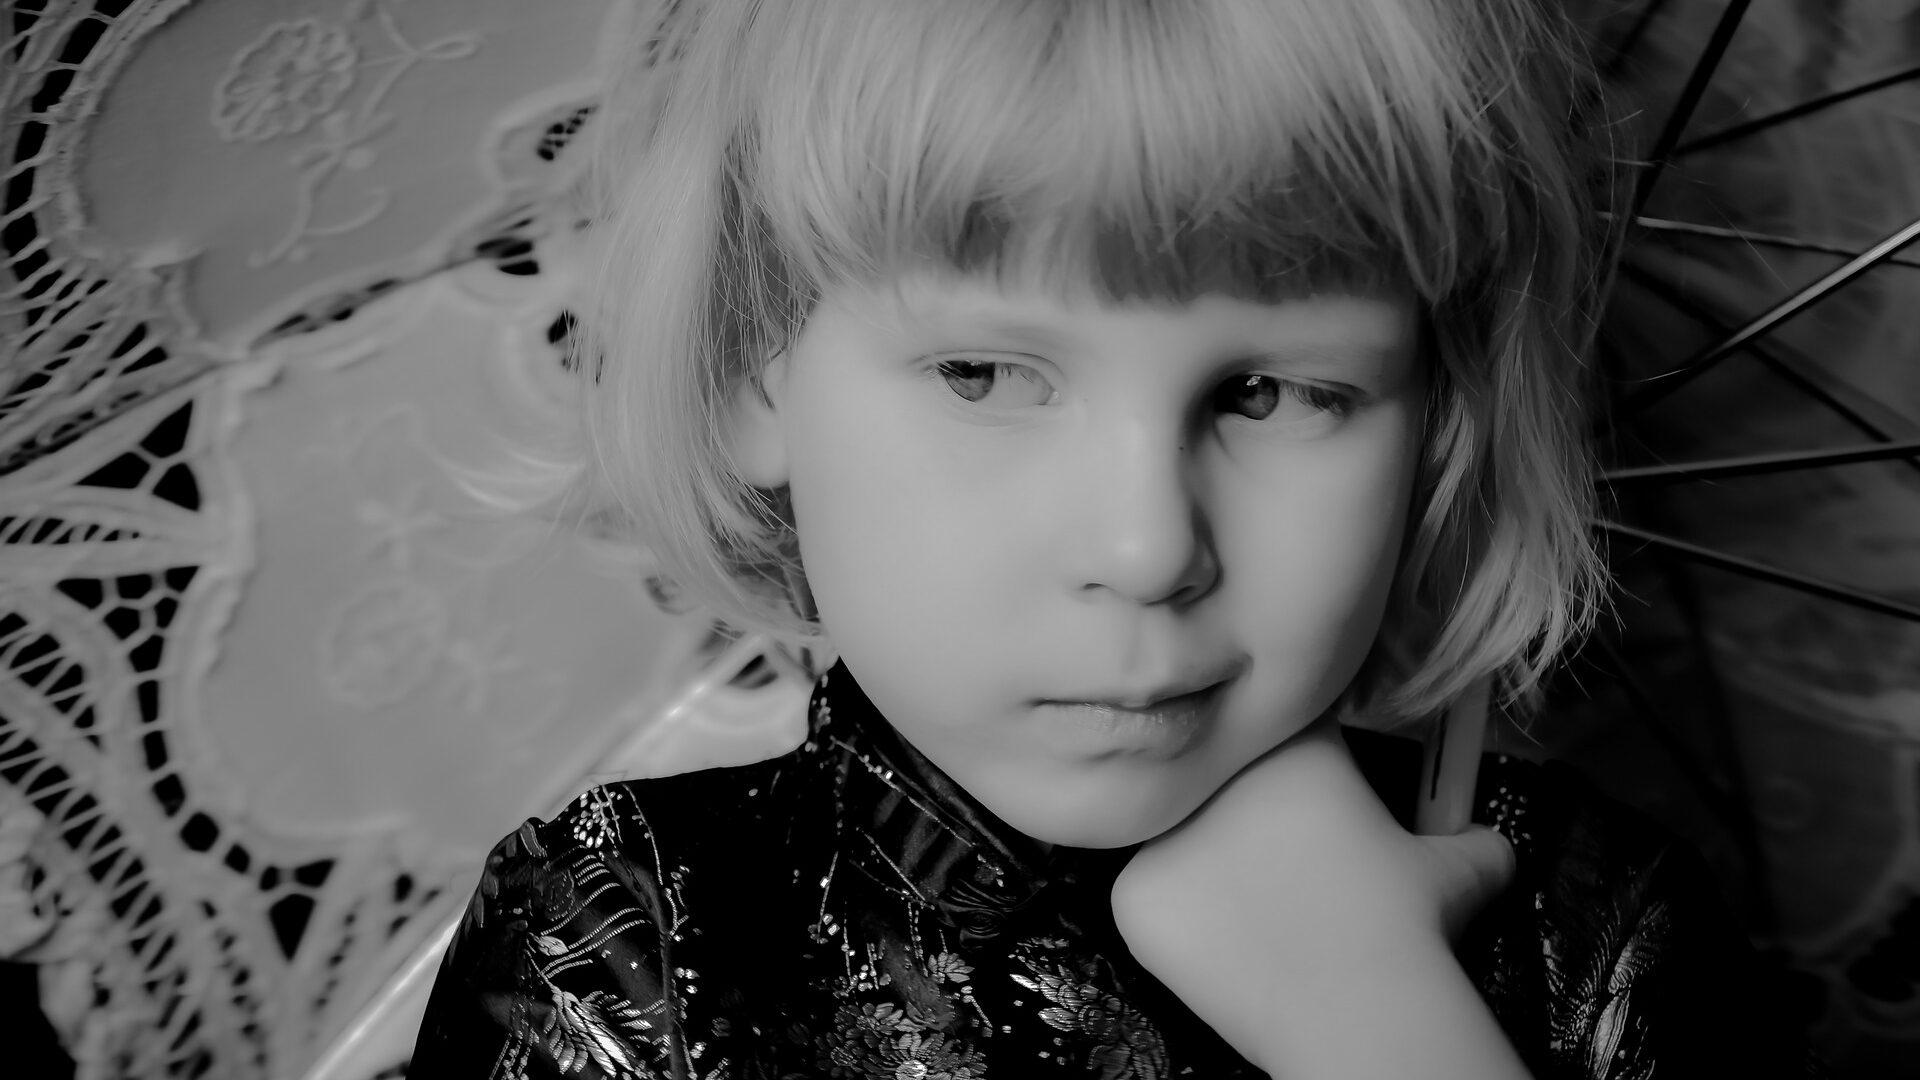 sad transgender kid